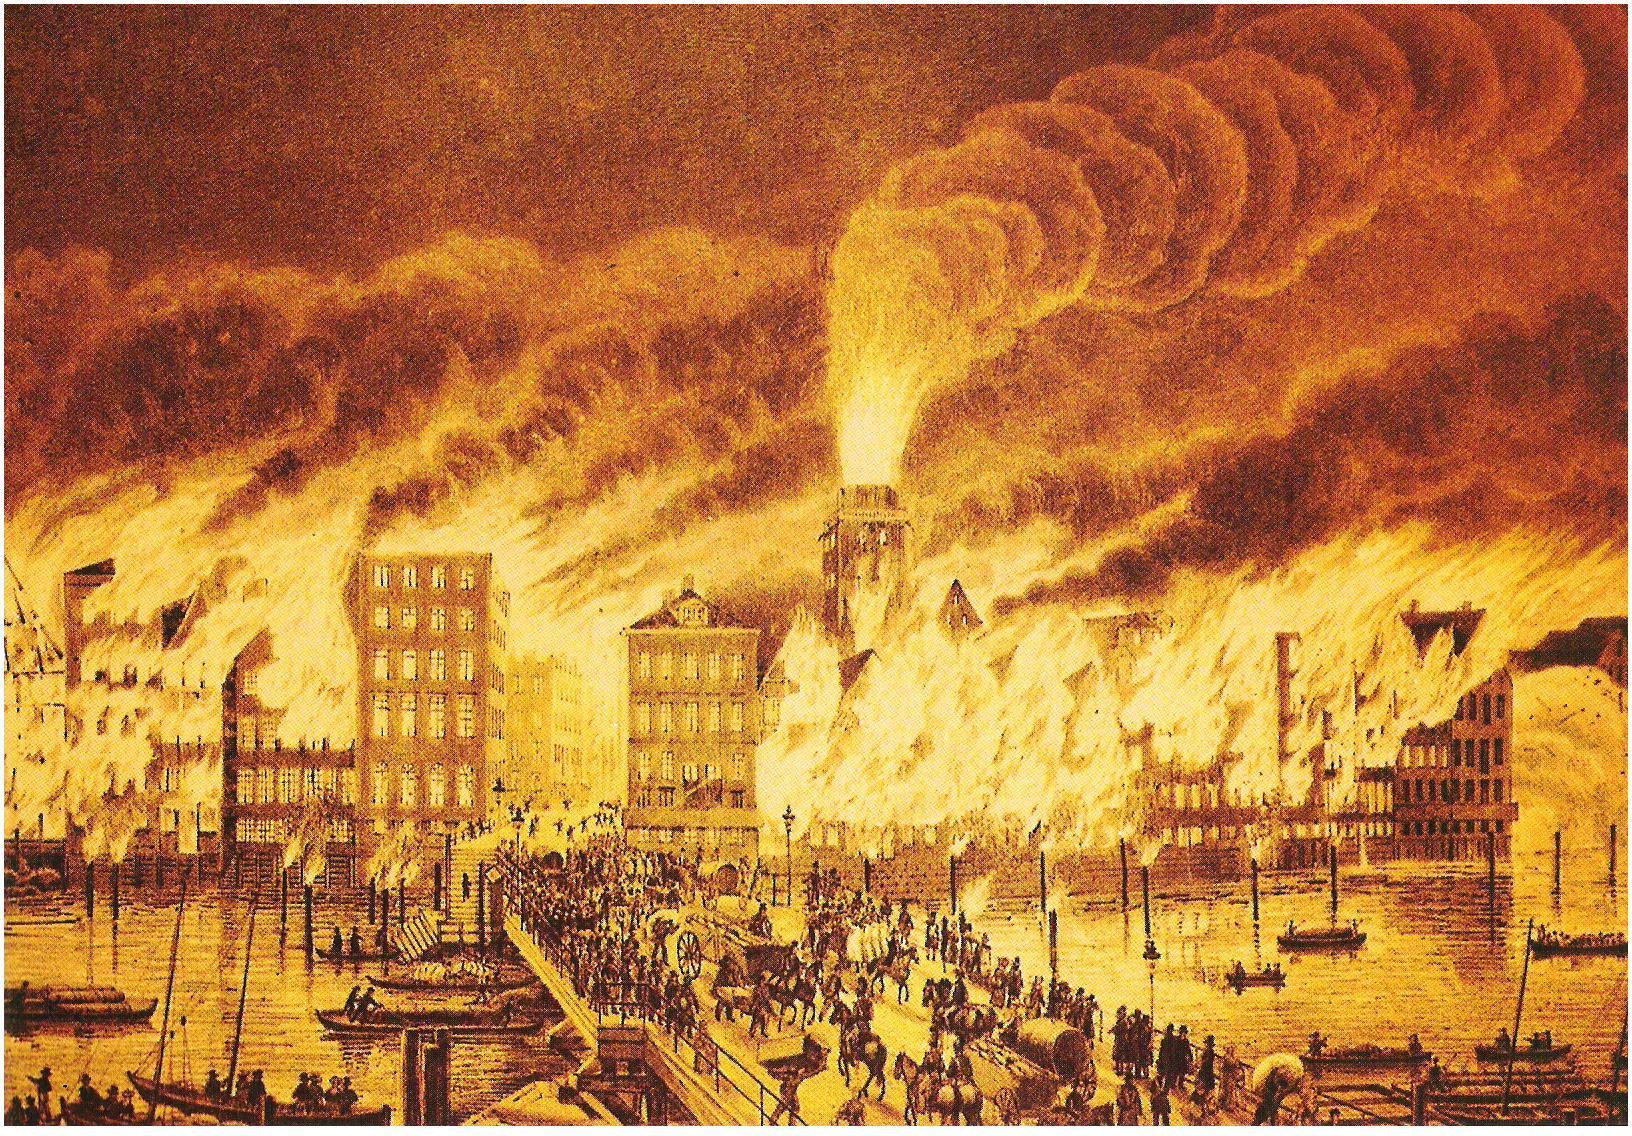 Famous Building Fires